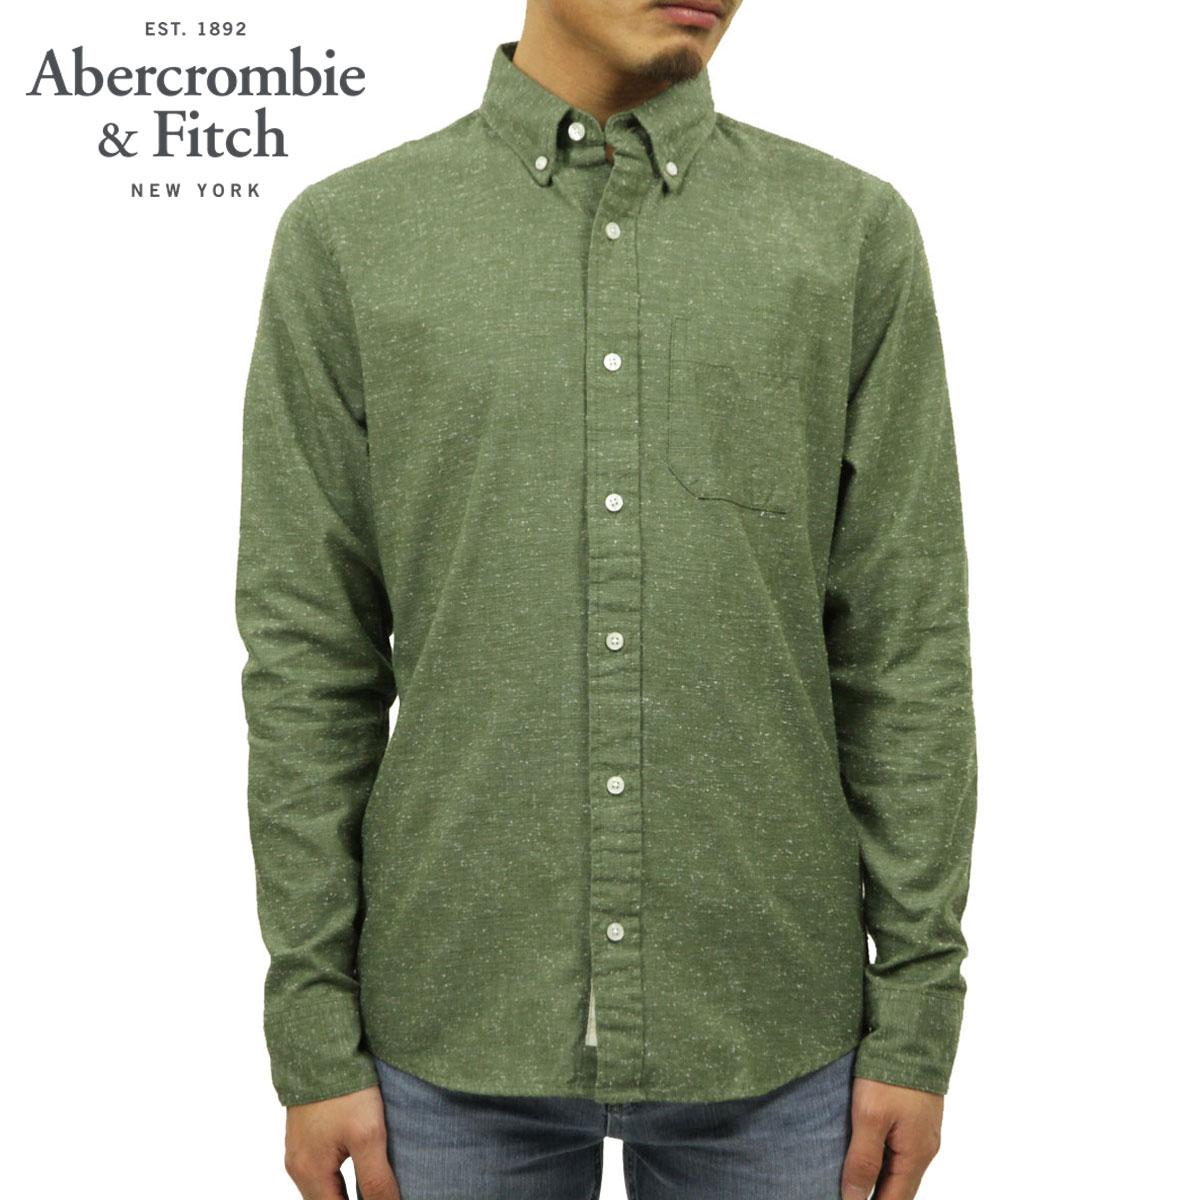 アバクロ Abercrombie&Fitch 正規品 メンズ 長袖シャツ TEXTURED SHIRT 125-168-2156-333 D00S20